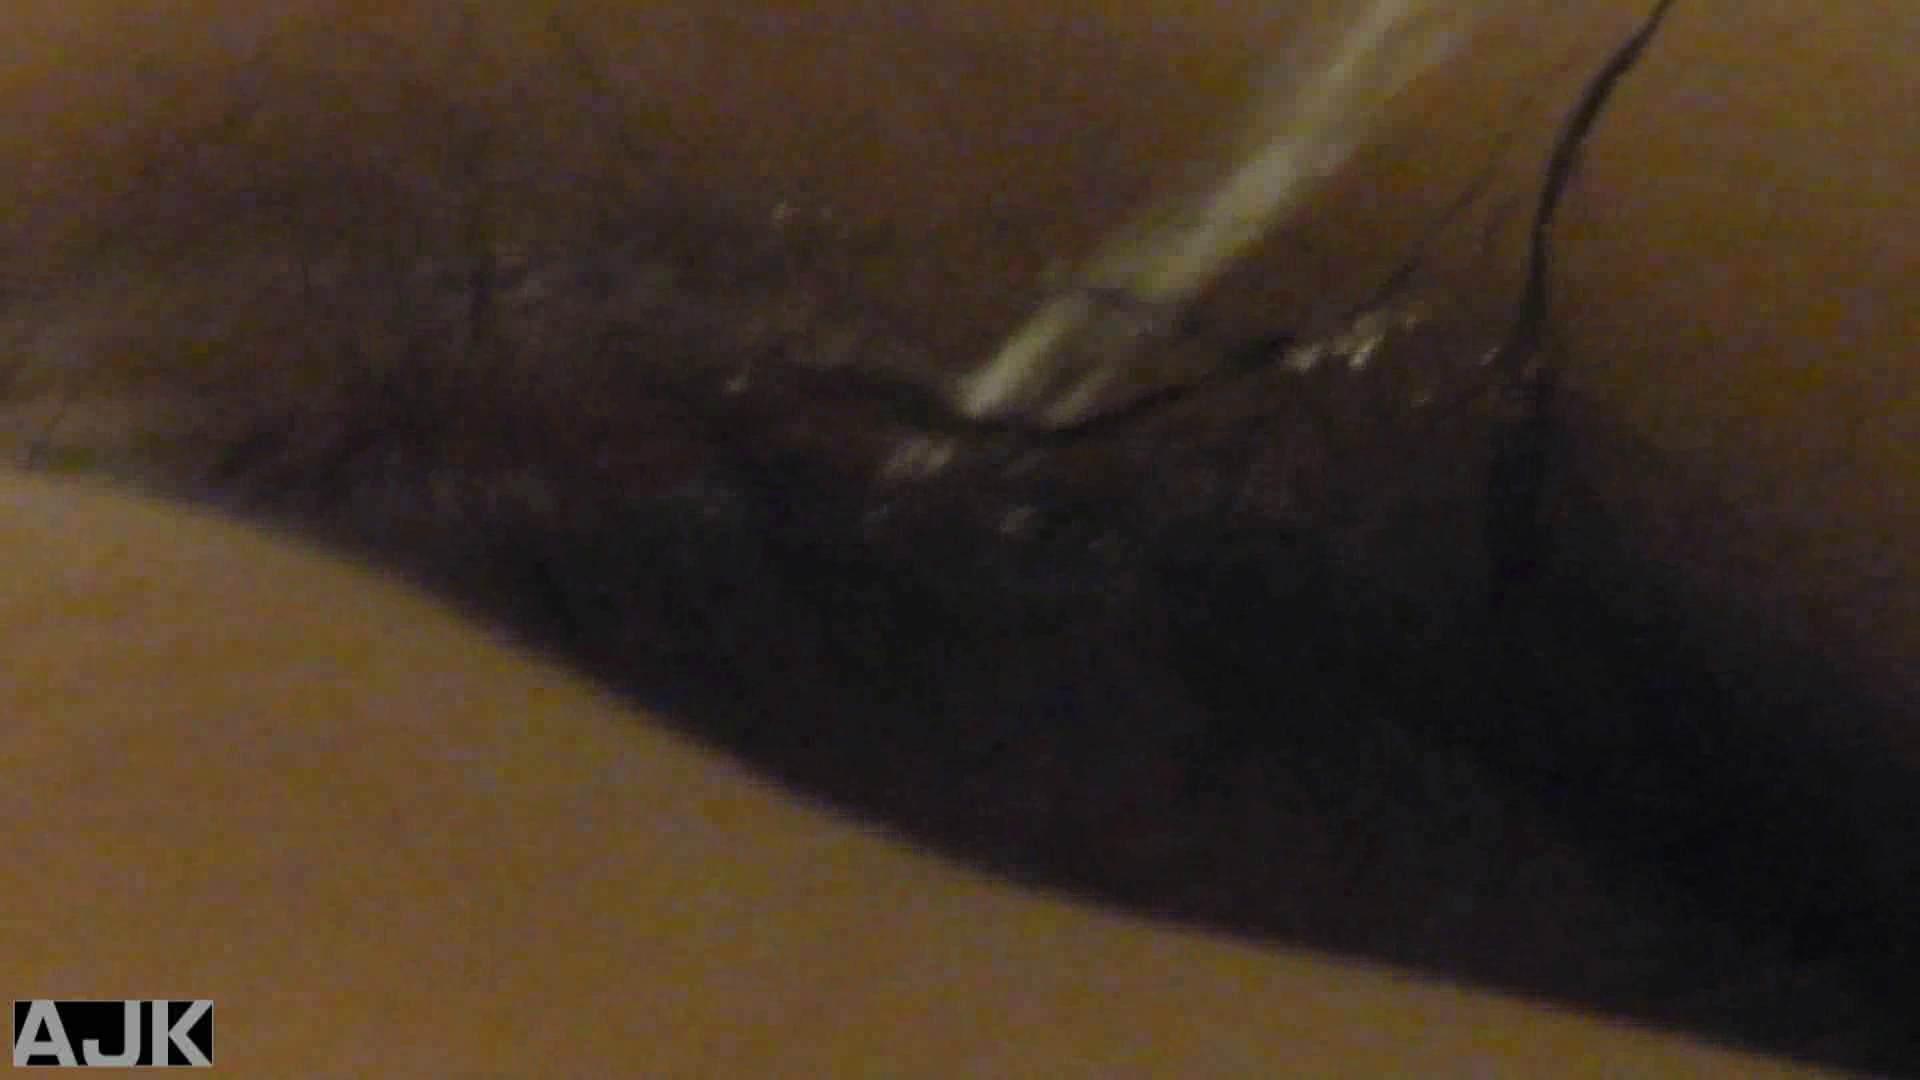 隣国上階級エリアの令嬢たちが集うデパートお手洗い Vol.09 美女 セックス無修正動画無料 103枚 36